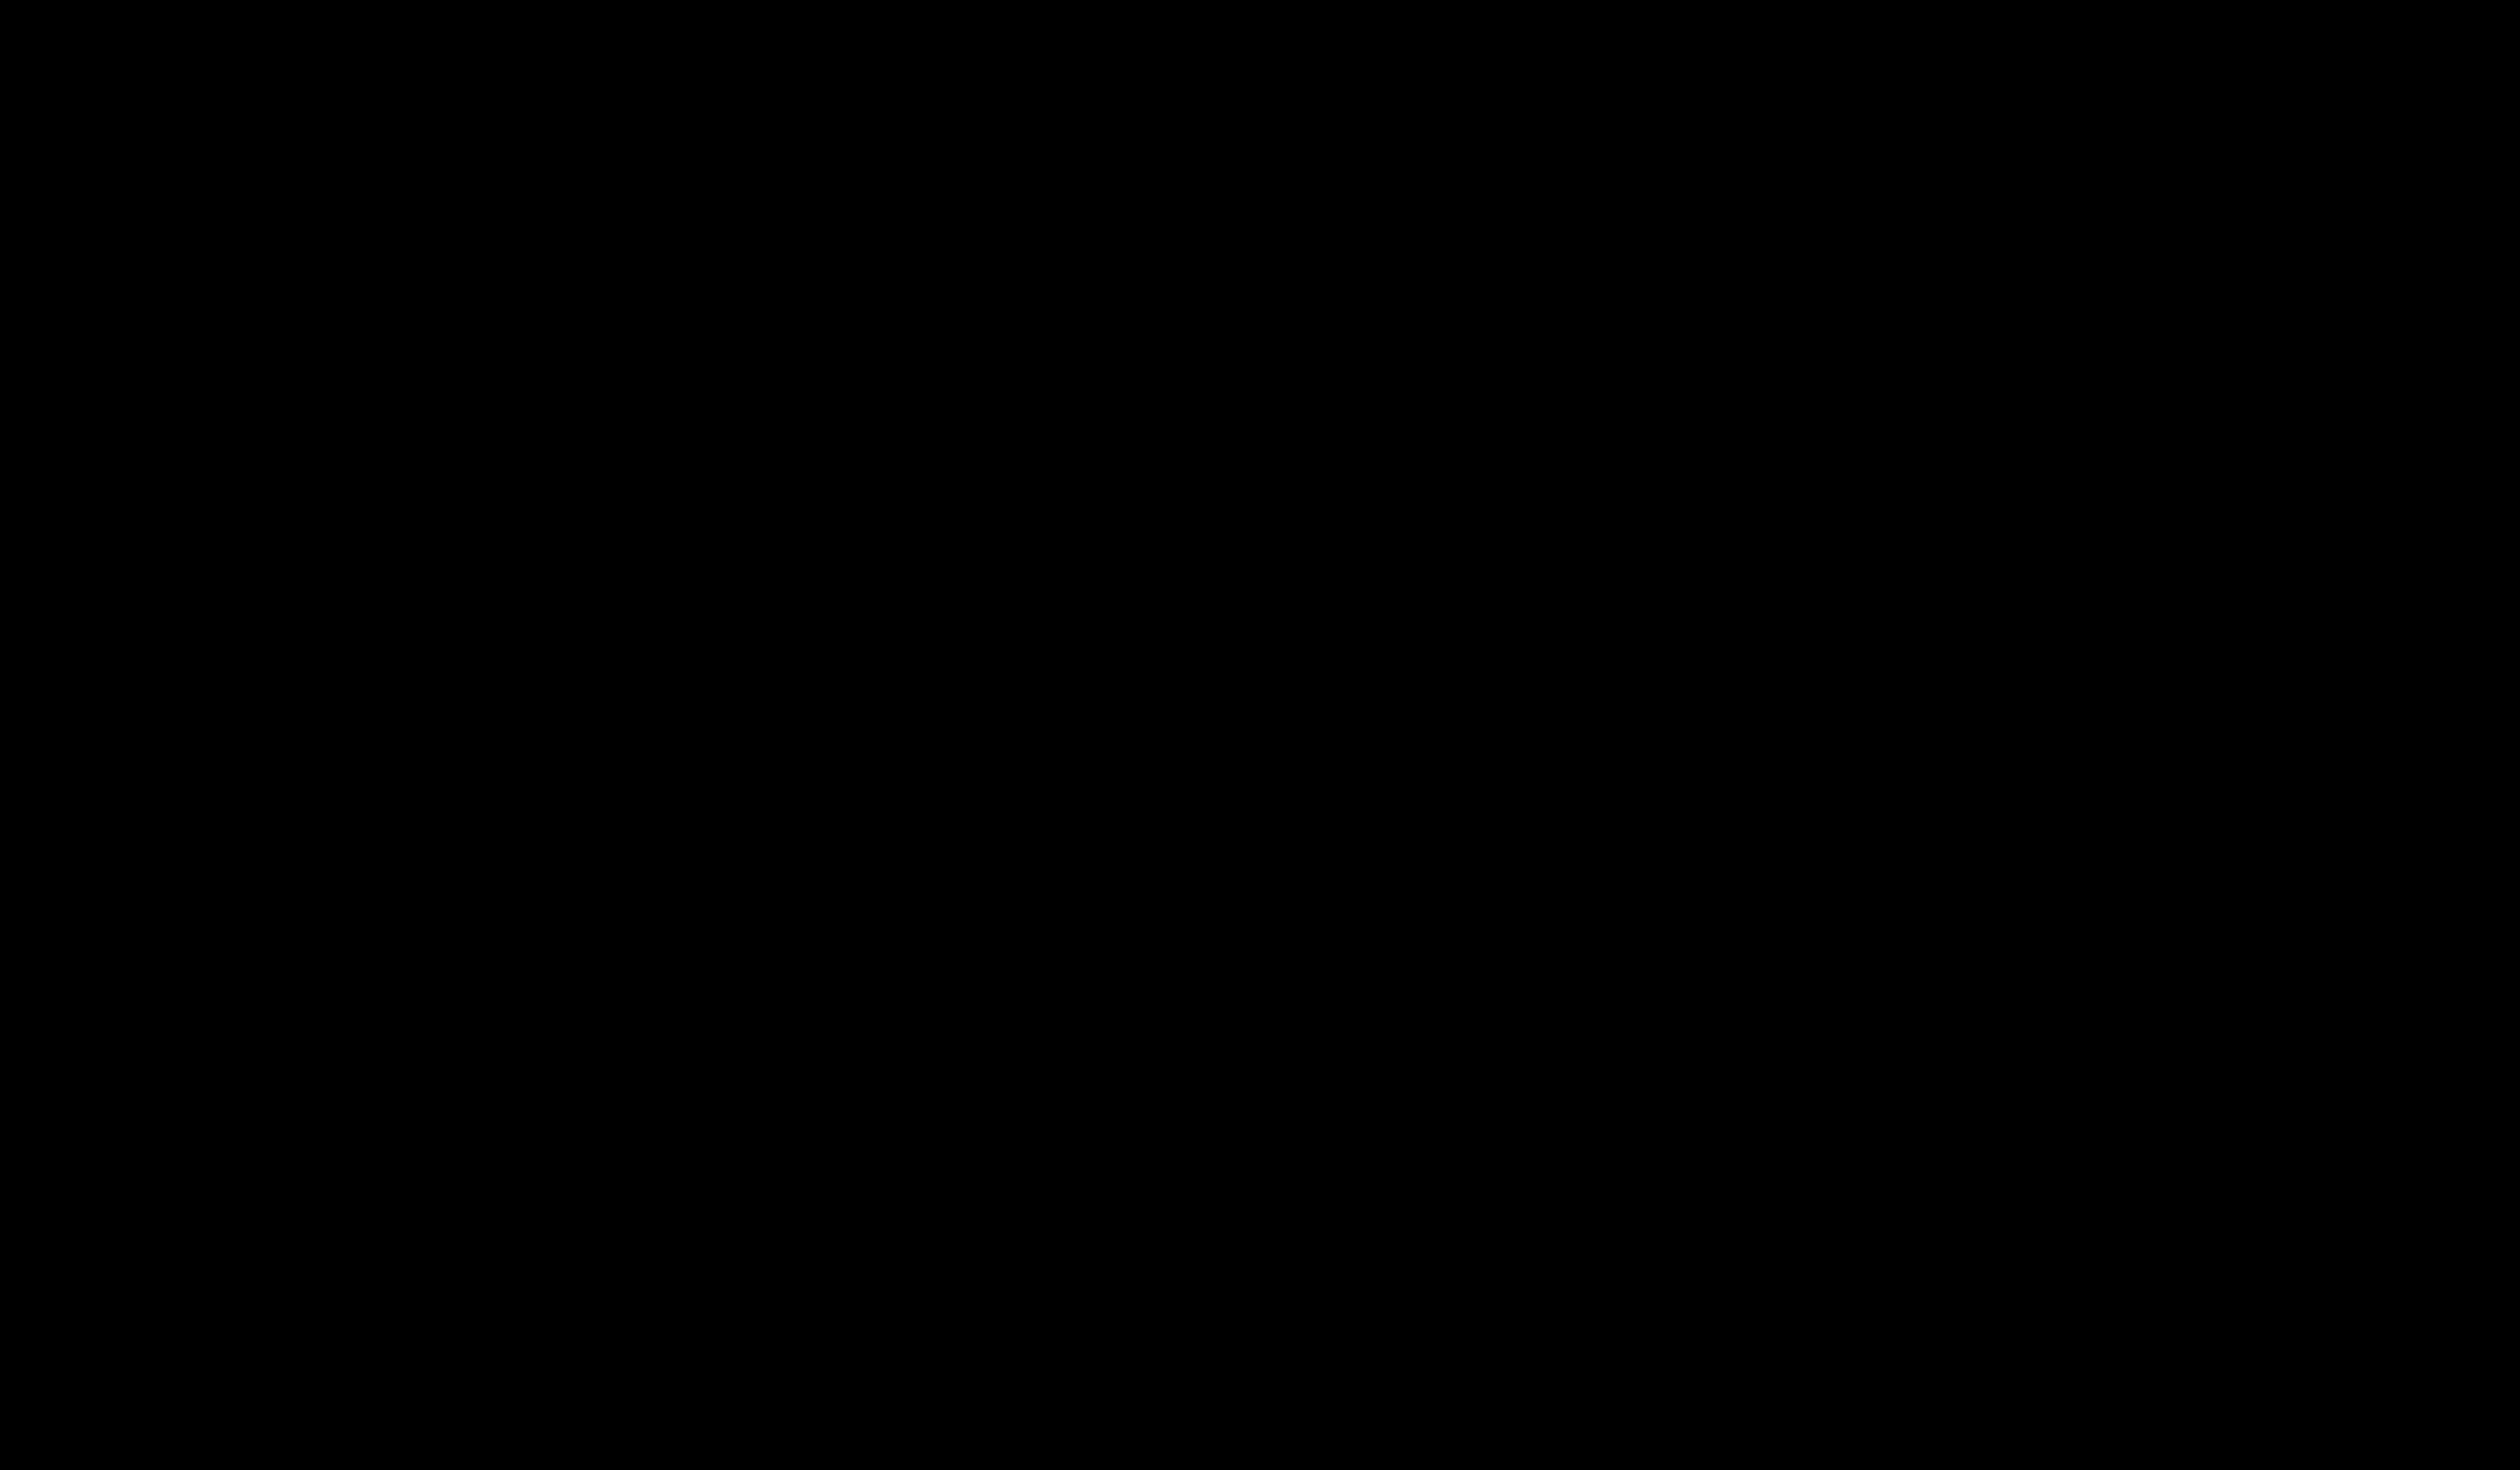 Jiugong Mountains